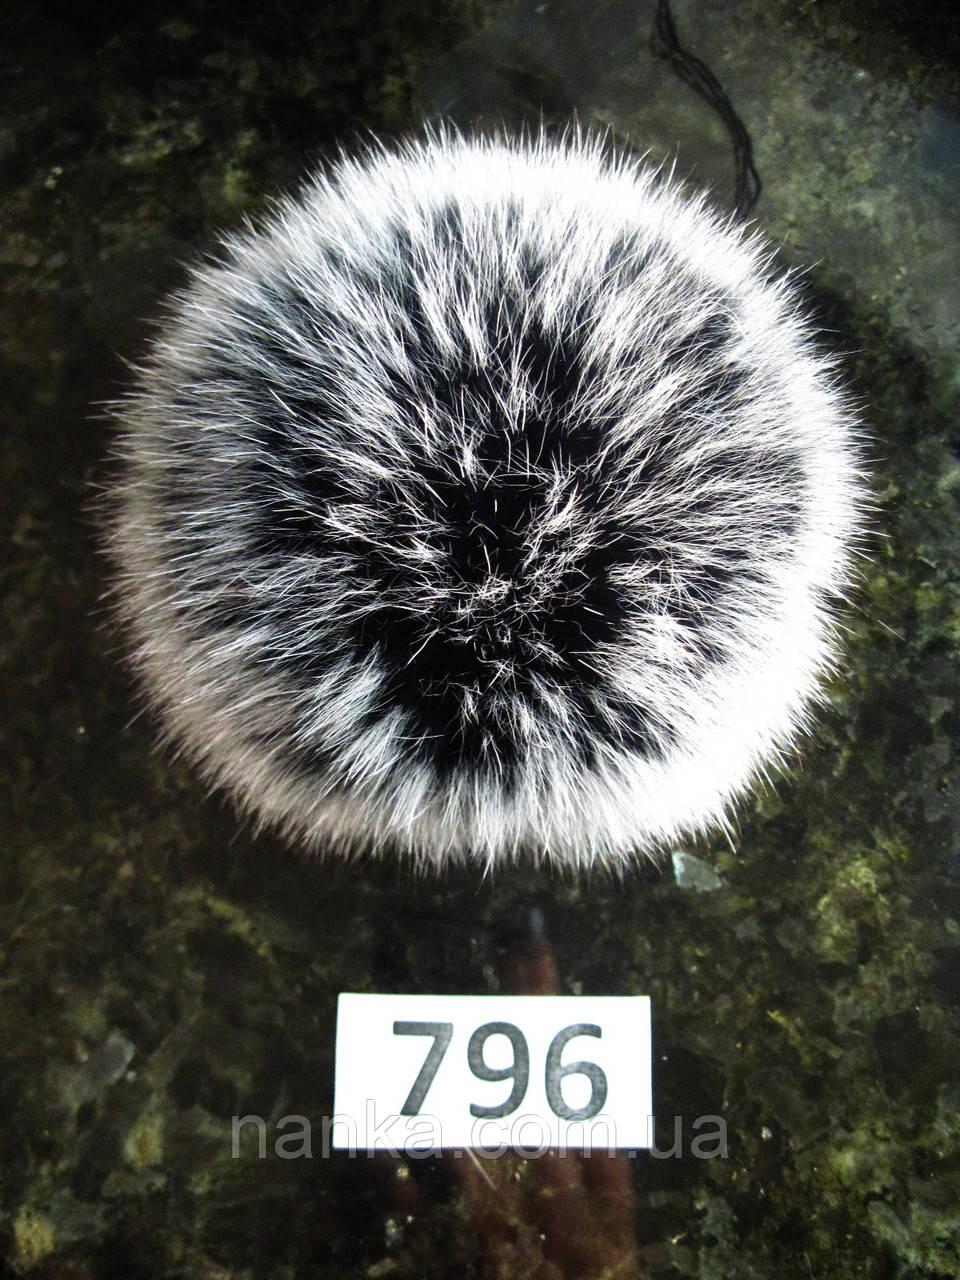 Меховой помпон Песец, Заснеженный,  Черный с б/к , 11/13 см, 796